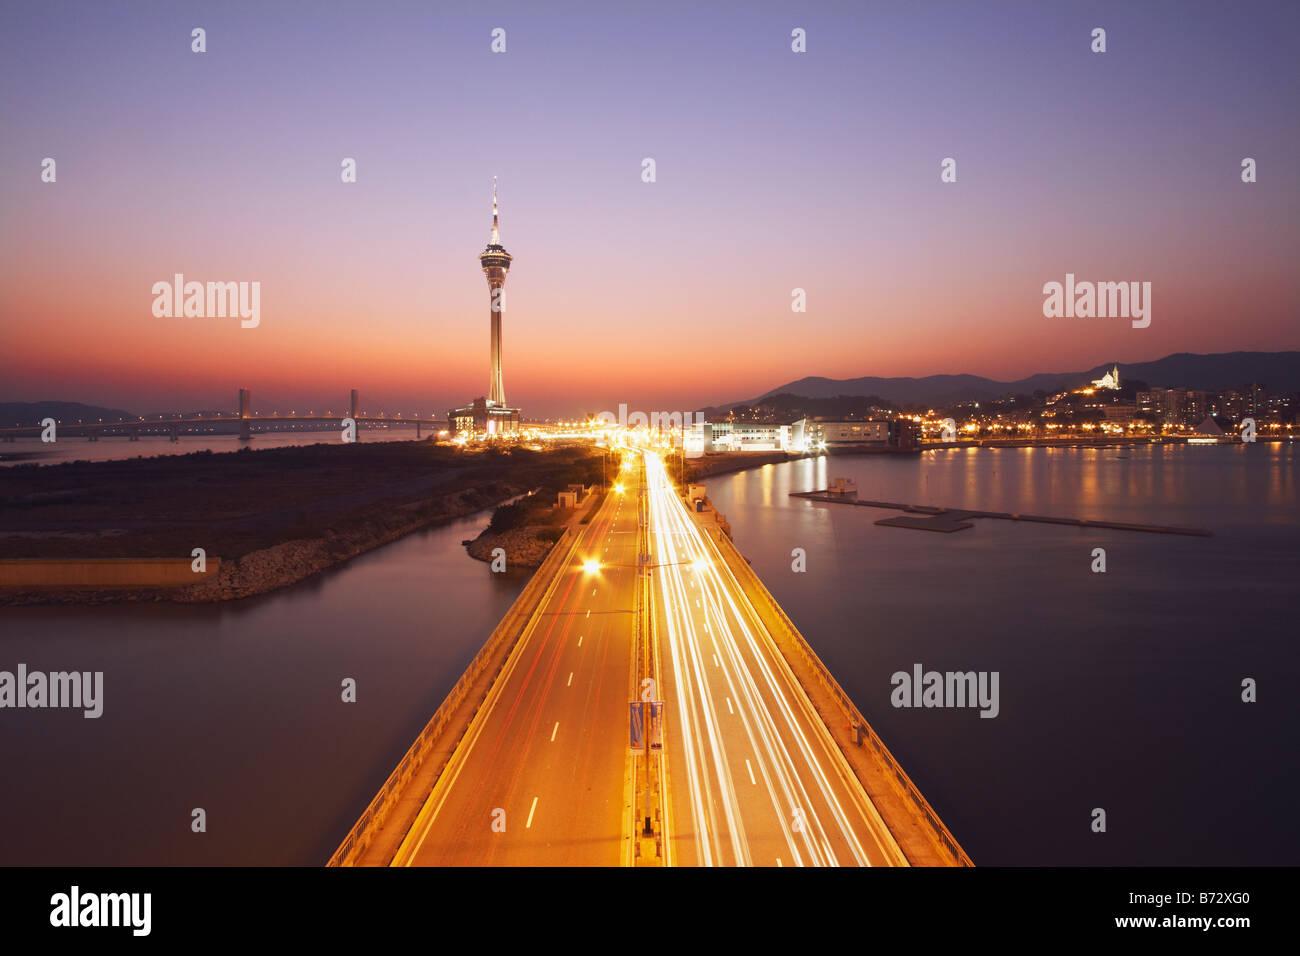 La Tour de Macau au coucher du soleil Photo Stock